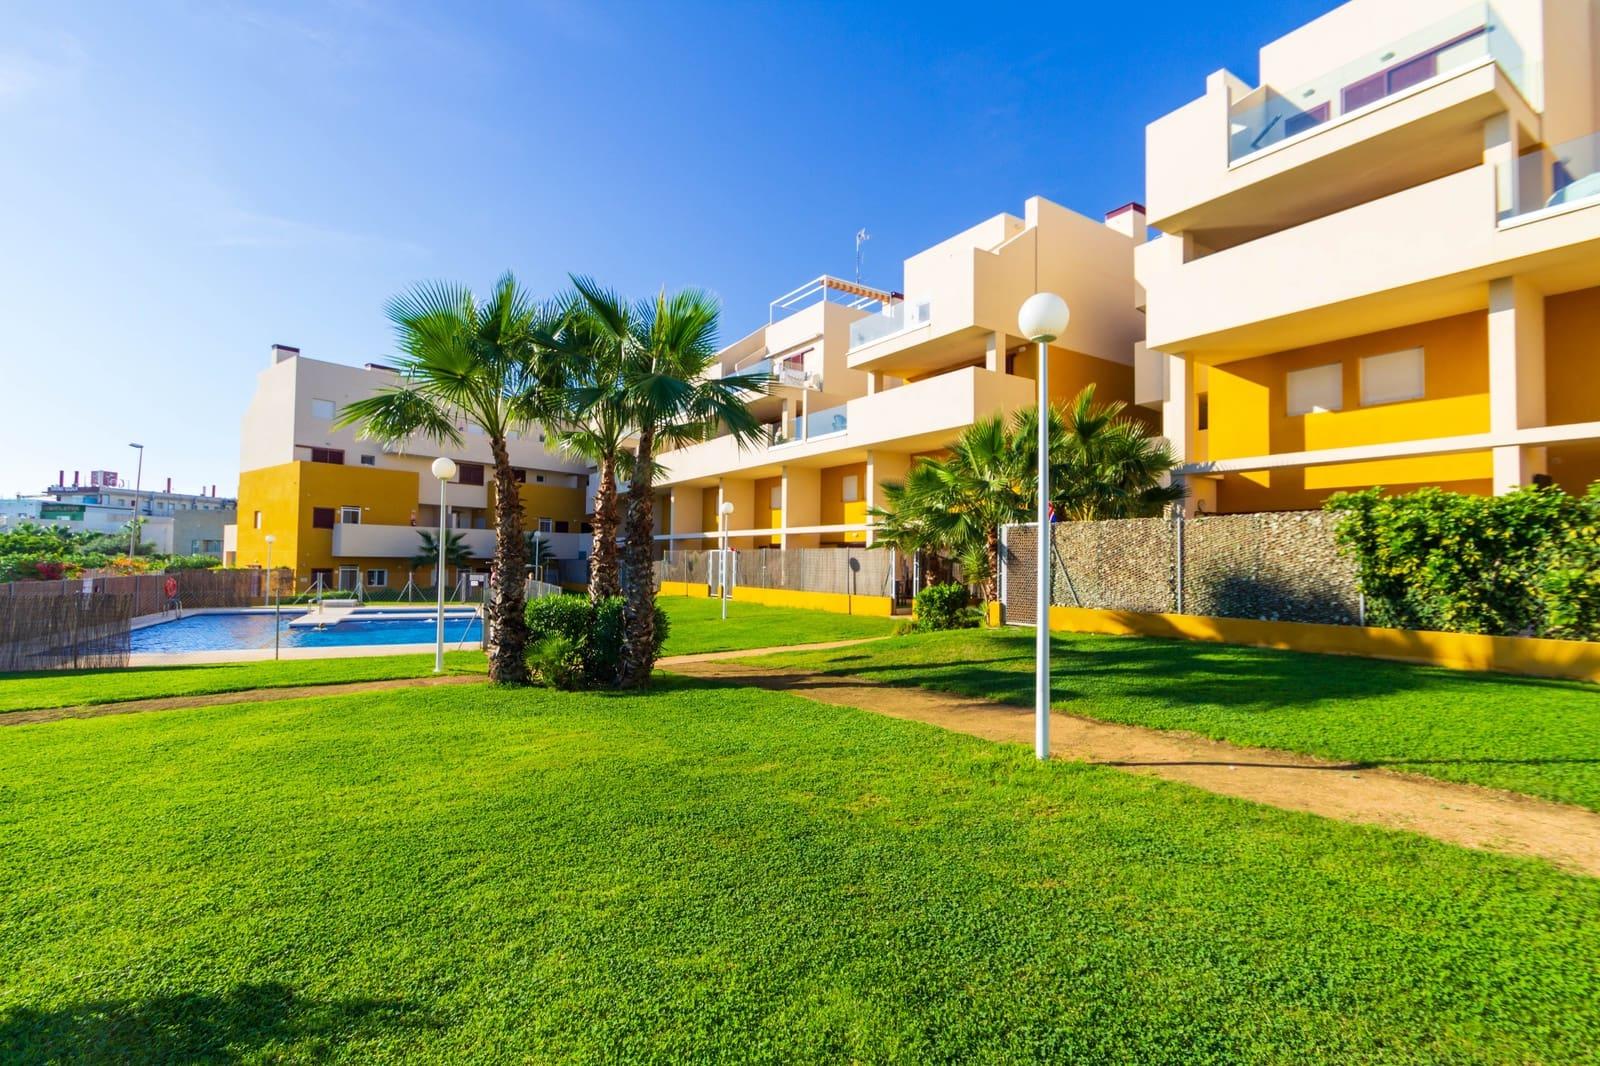 Apartamento de 3 habitaciones en Playa Flamenca en venta con piscina garaje - 245.000 € (Ref: 4807268)